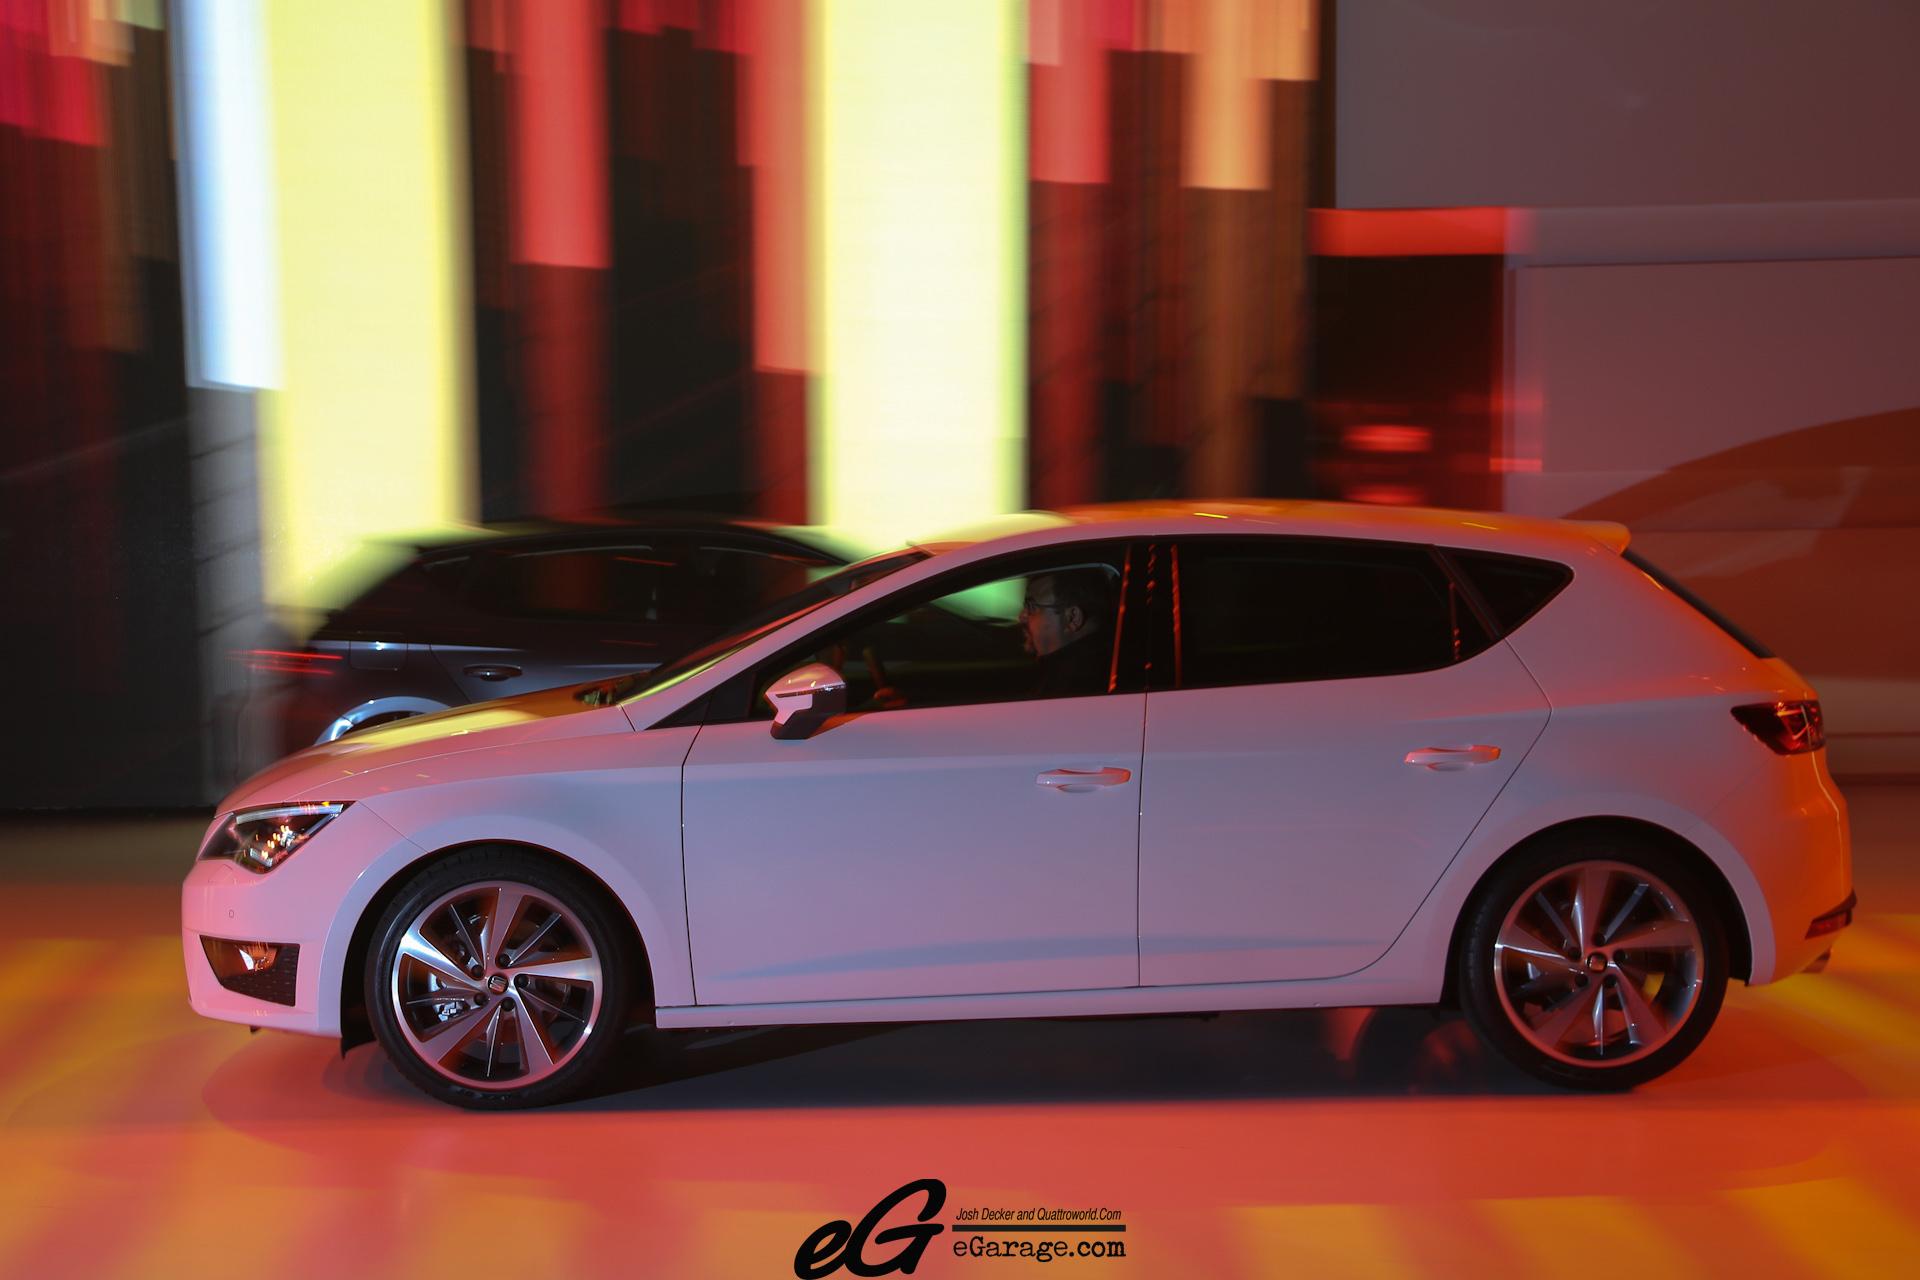 8030390407 e3b26215cf o 2012 Paris Motor Show